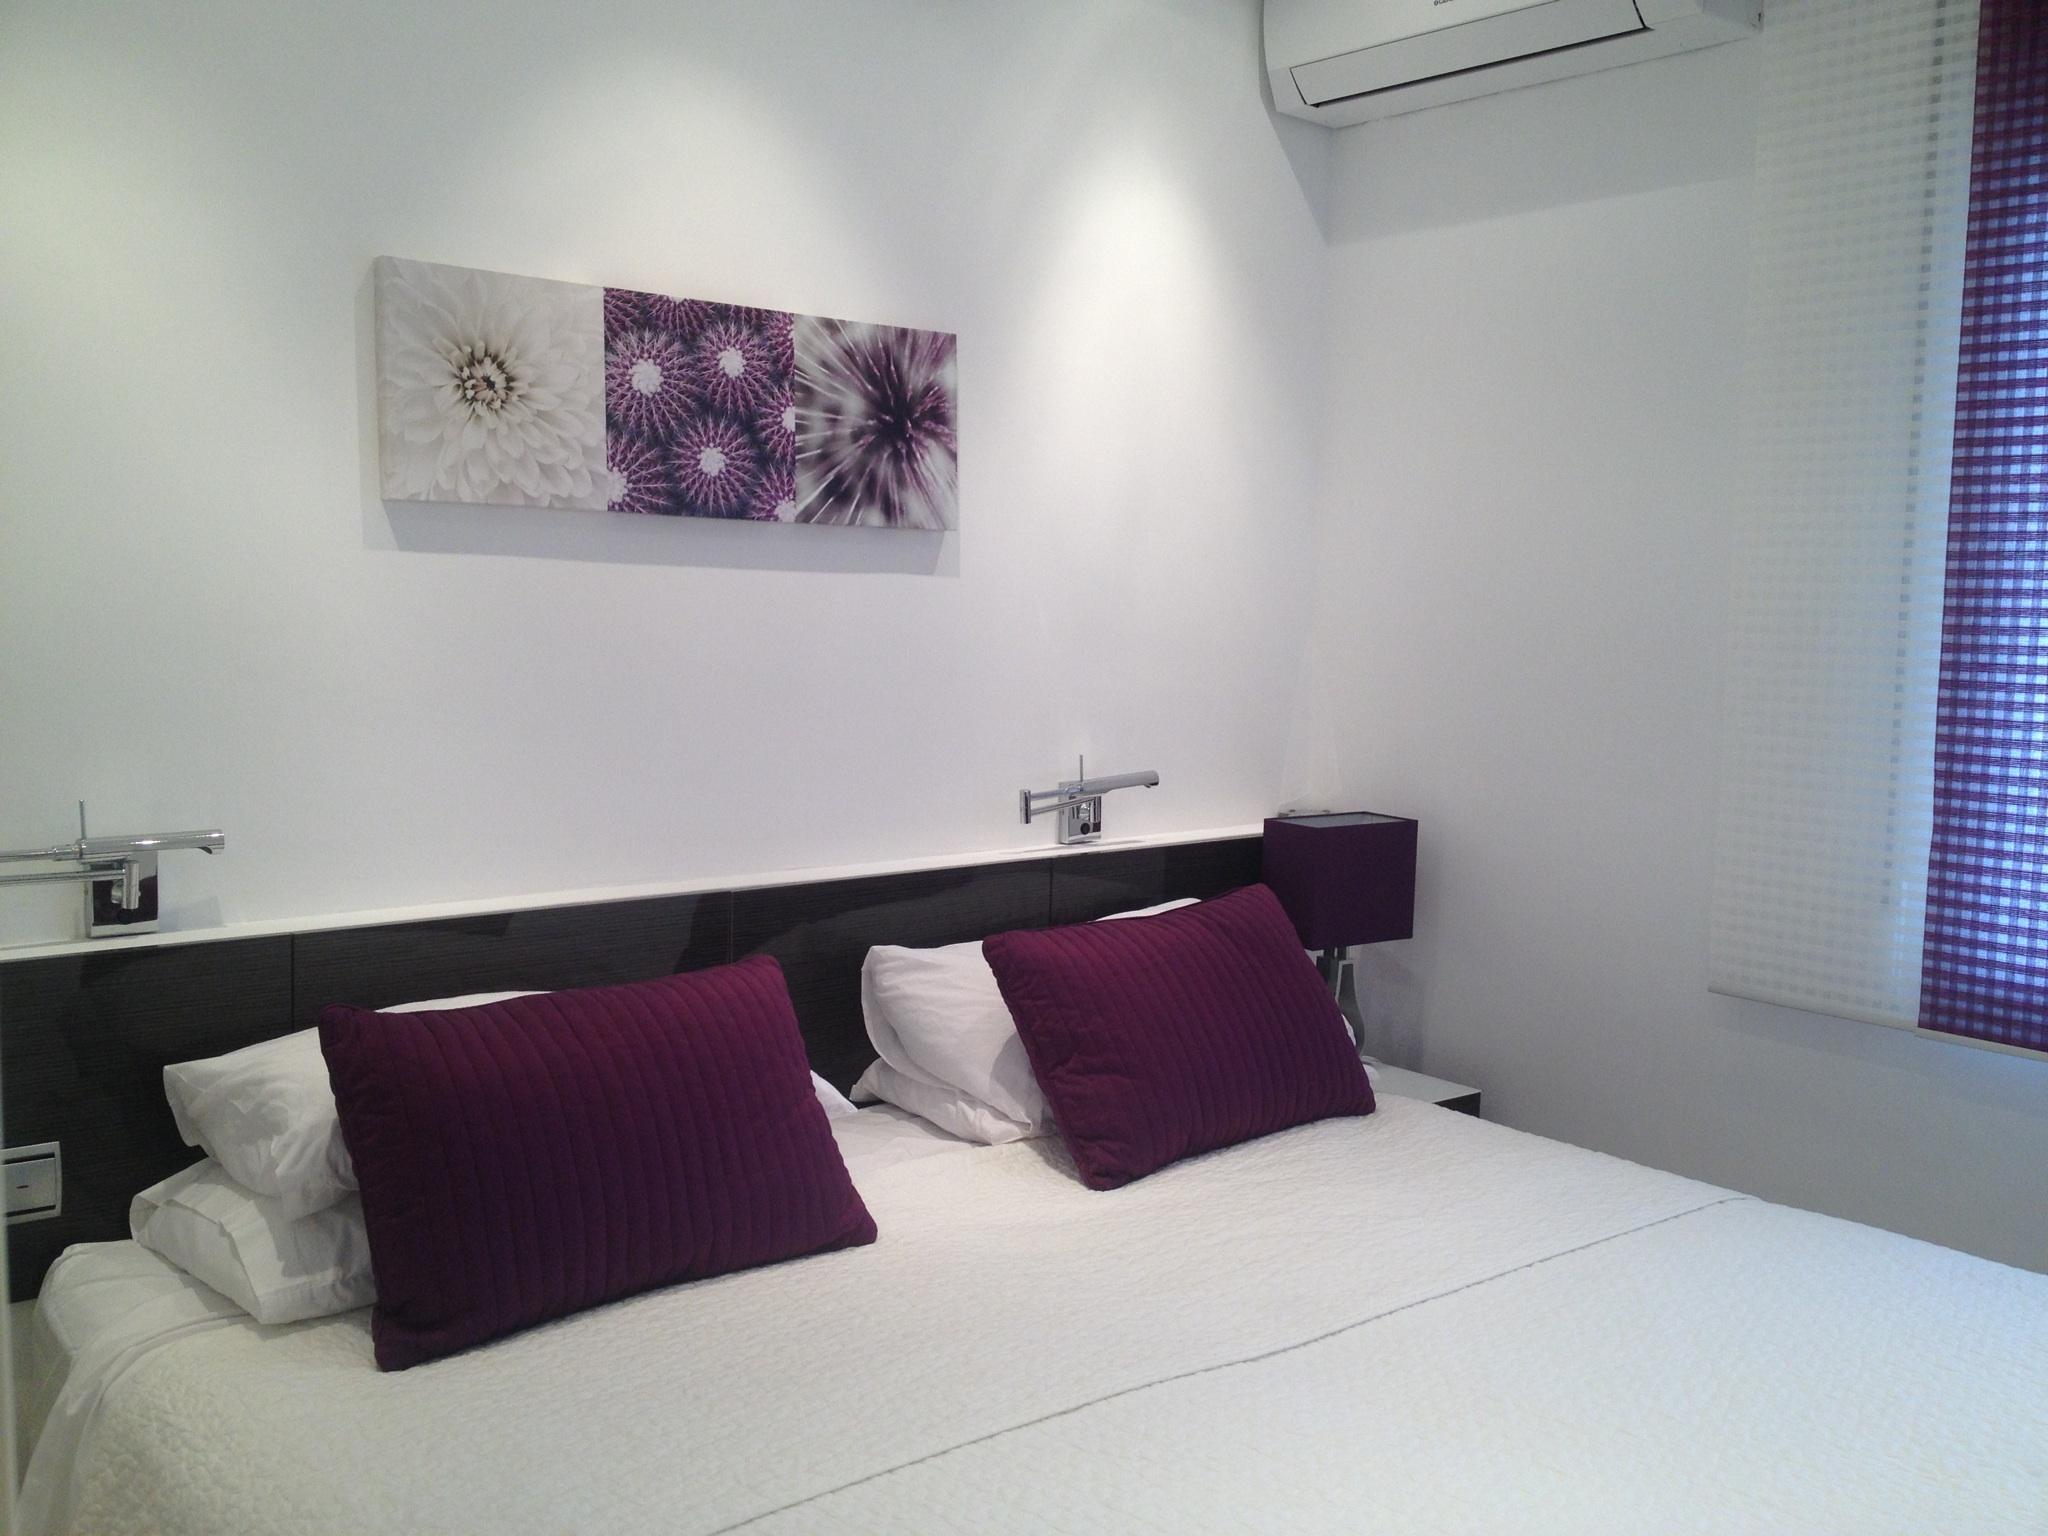 Skol apartments, Marbella - apartment 811A -  Bedroom set up as a super kingsize